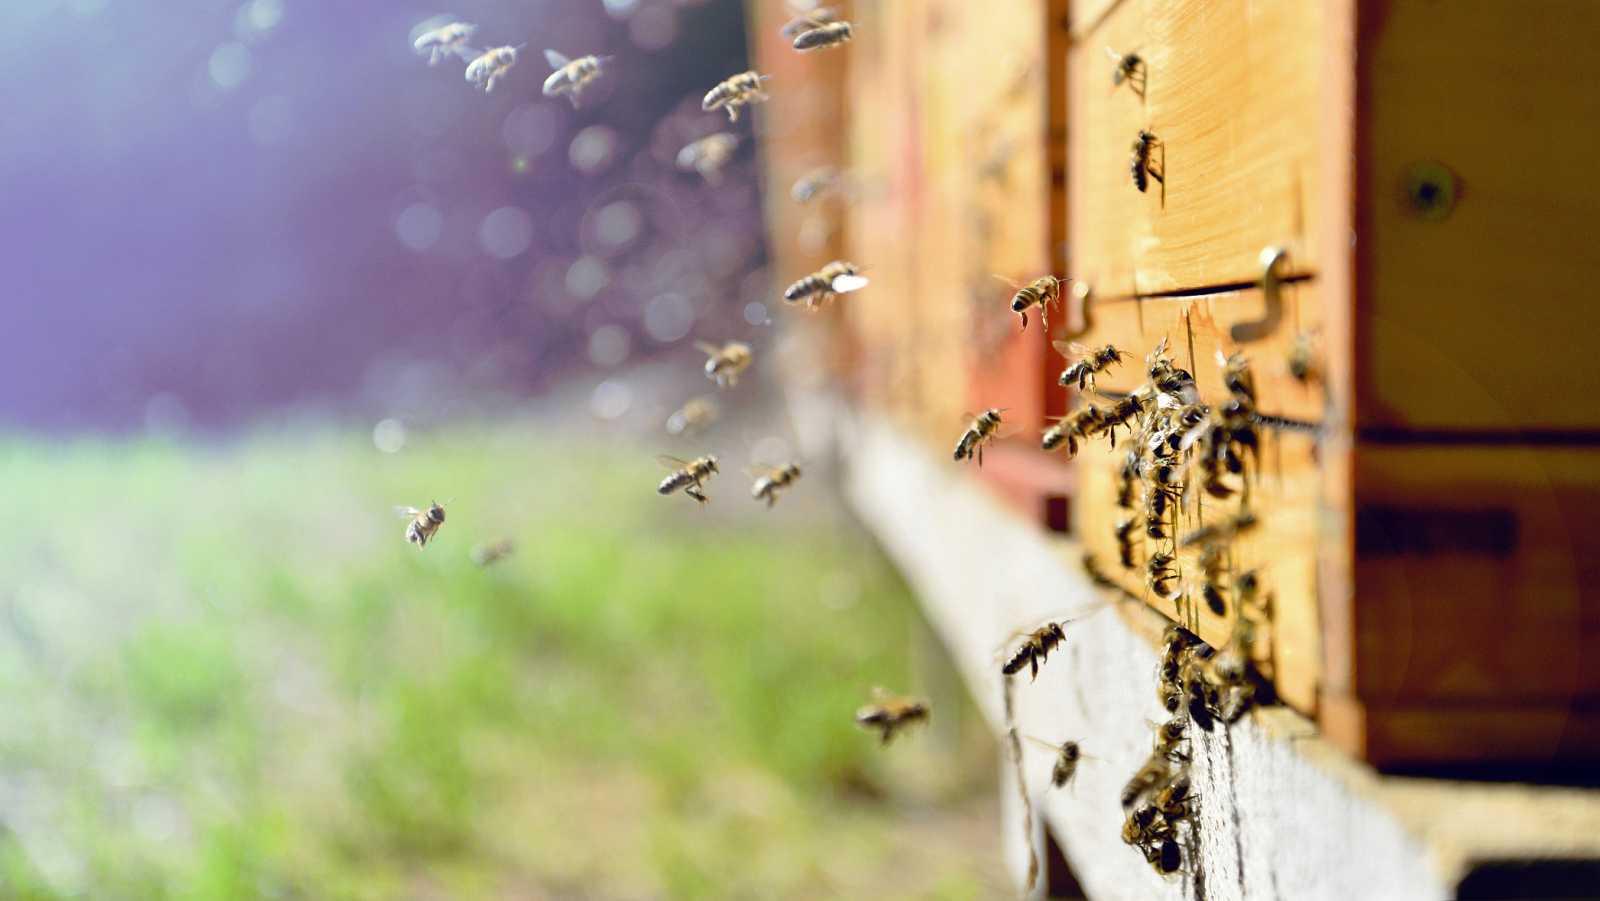 Este lunes 20 de mayo, día Mundial de las Abejas, los científicos advierten del riesgo de que desaparezcan. La Universidad Autónoma de Barcelona estudia su comportamiento en colmenas informatizadas. Problemas como el uso de pesticidas o la avispa asi